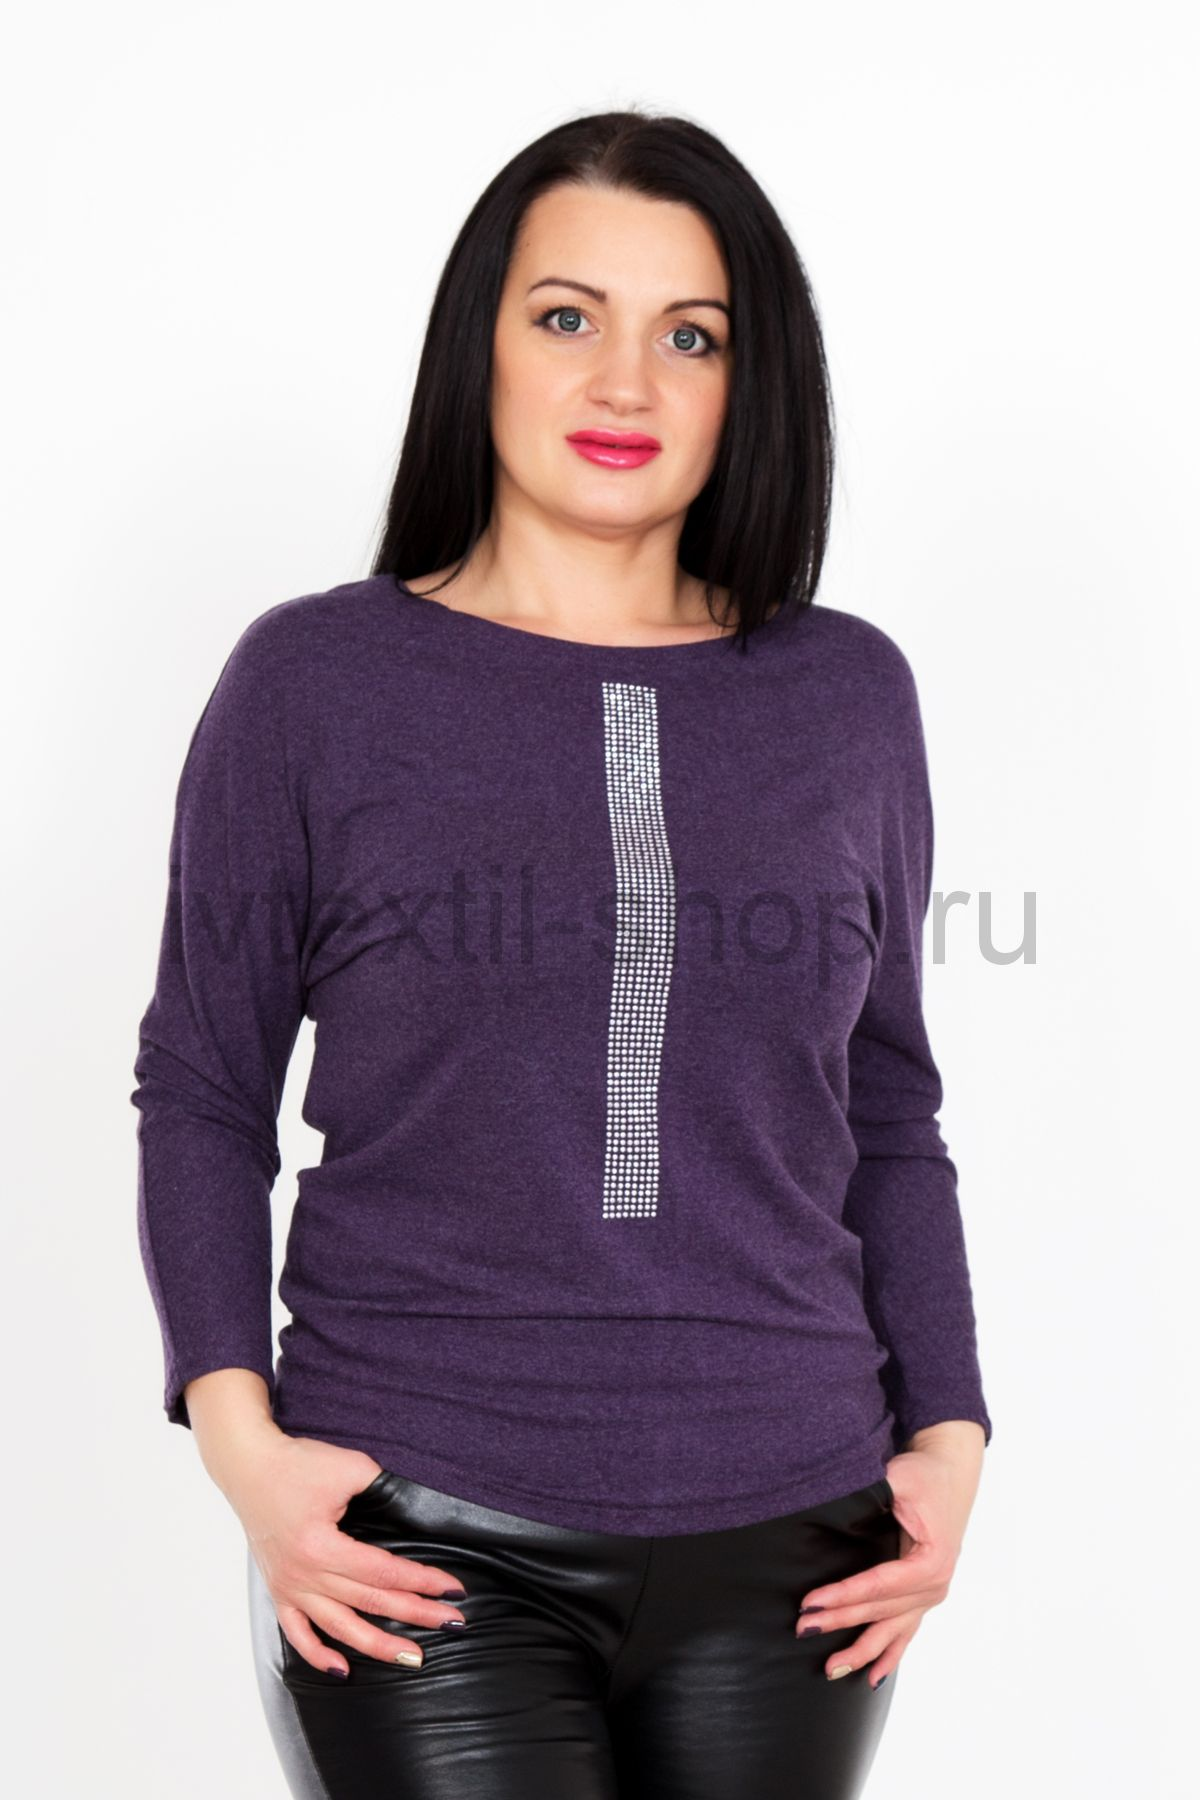 f205e8c9c70 Заказать и купить недорого женскую блузу